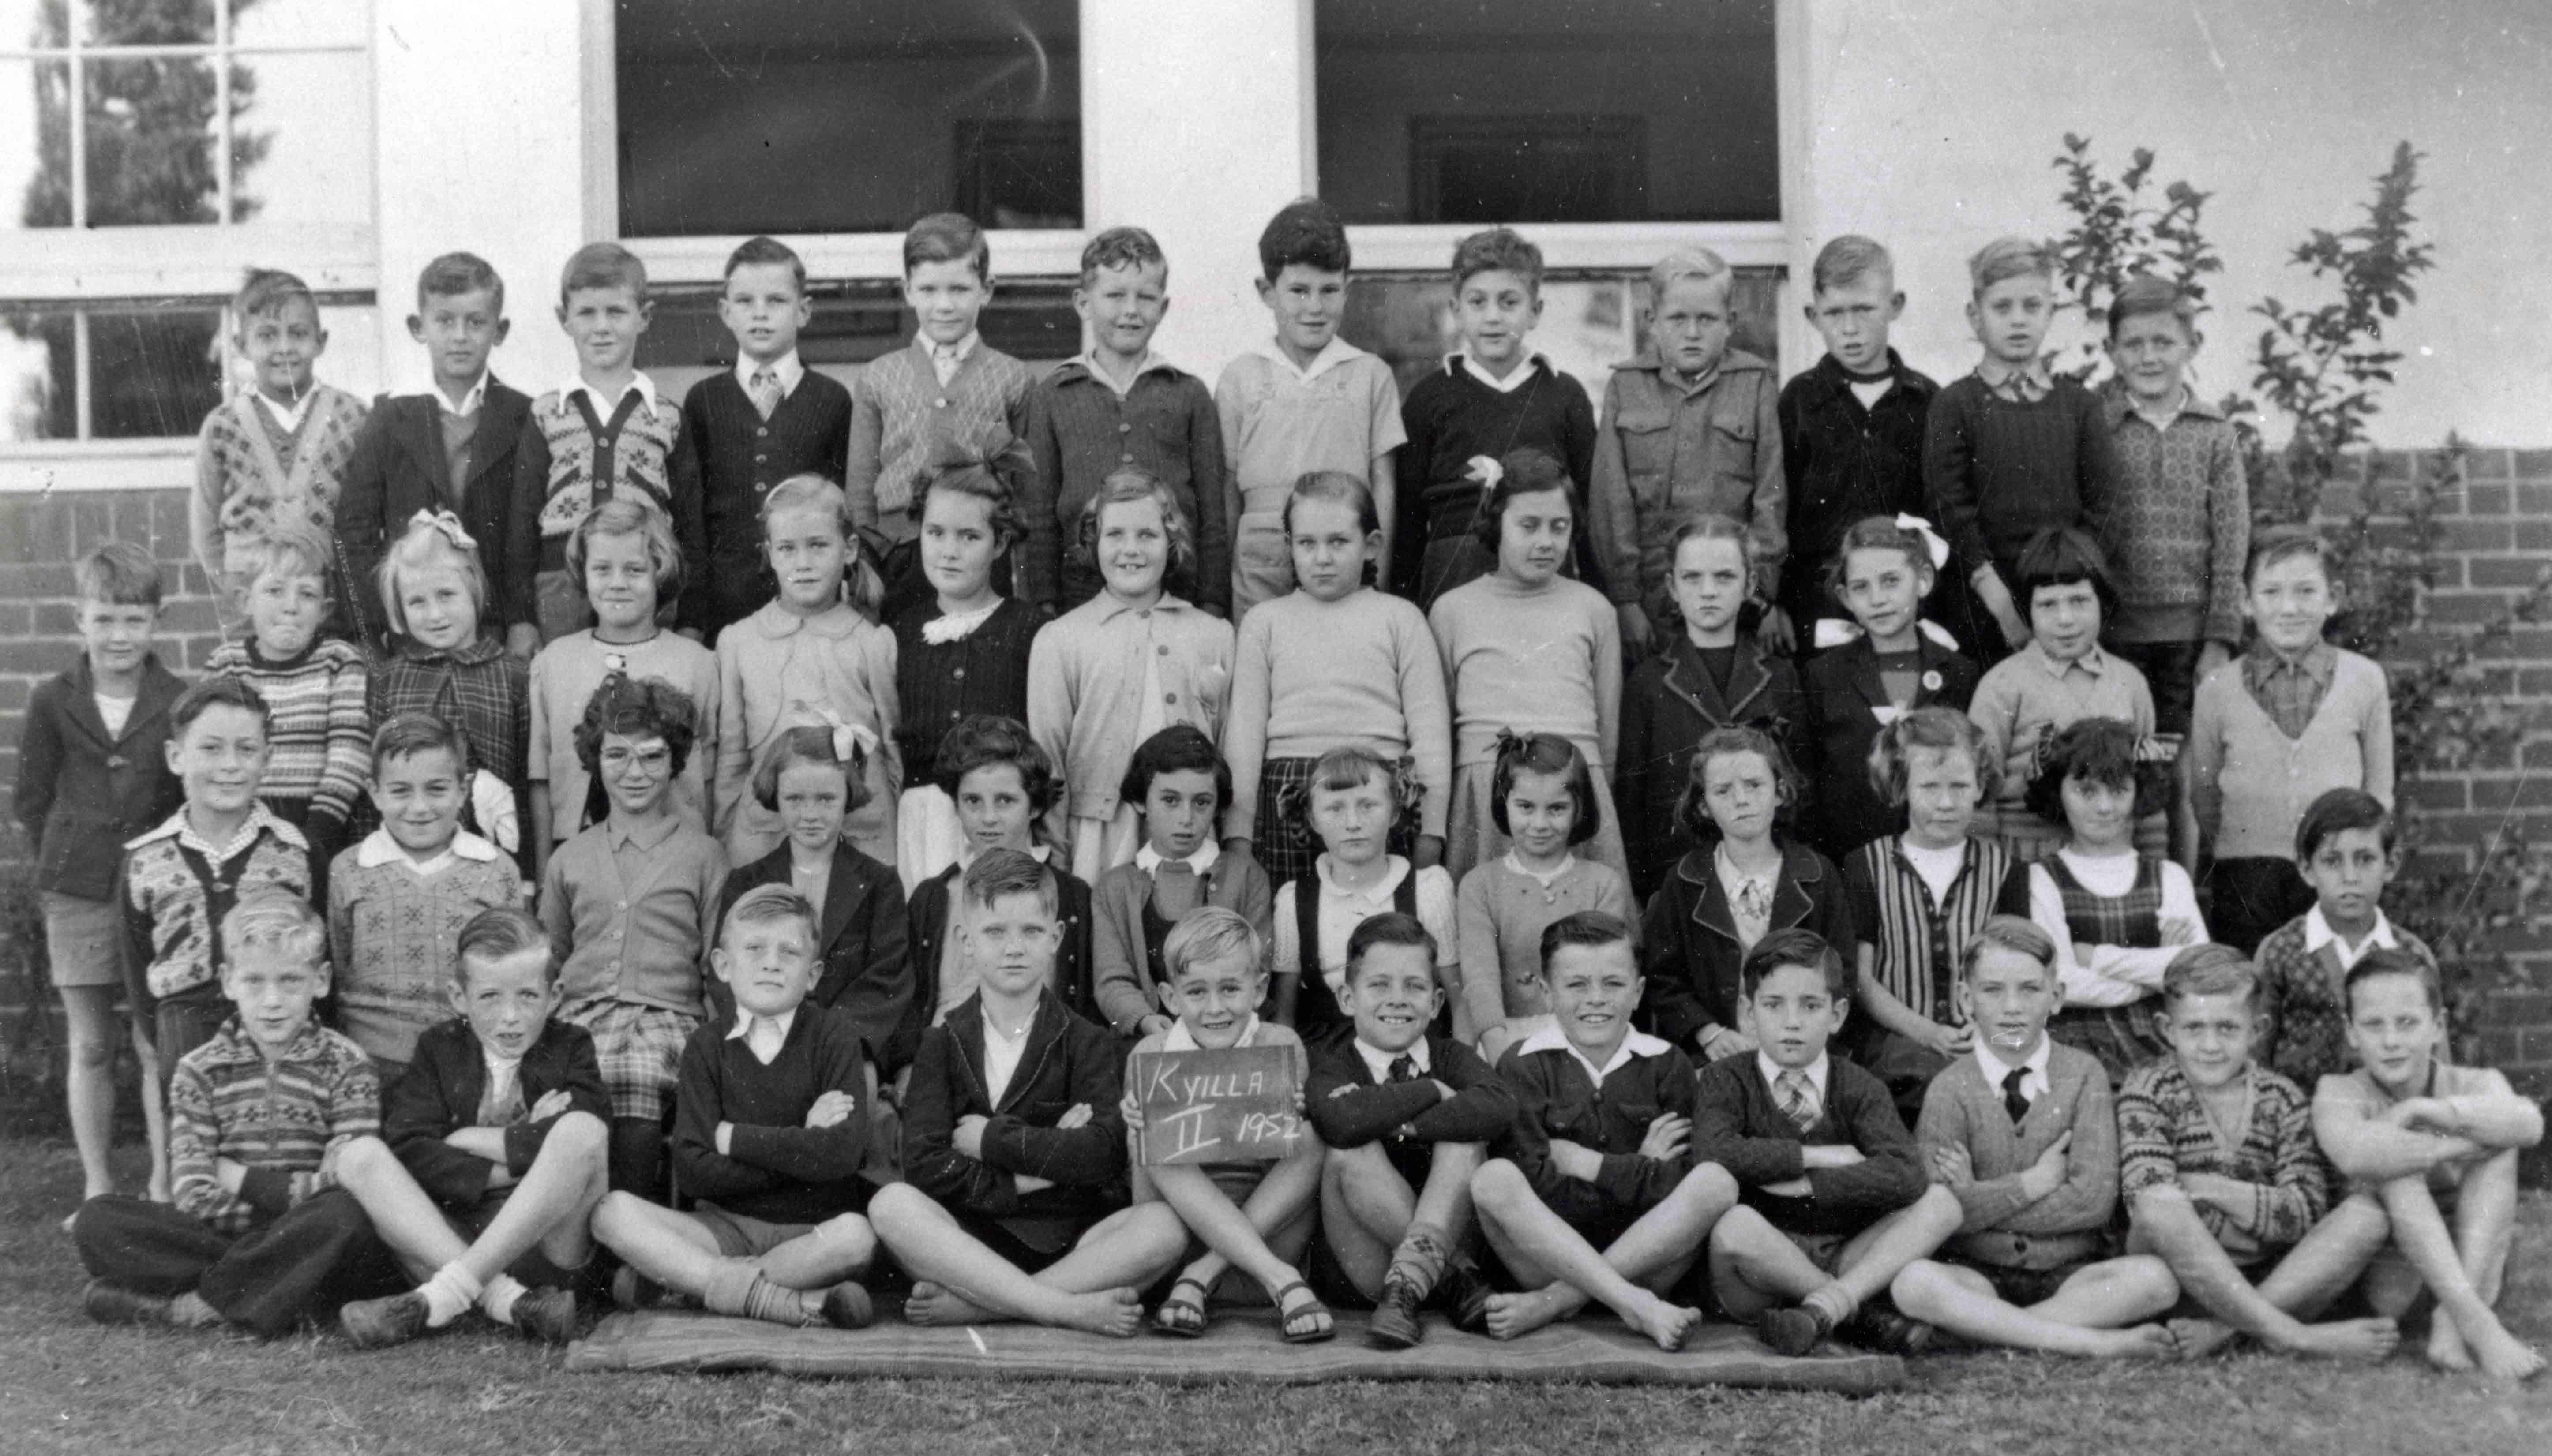 89. Kyilla Infants School 1952